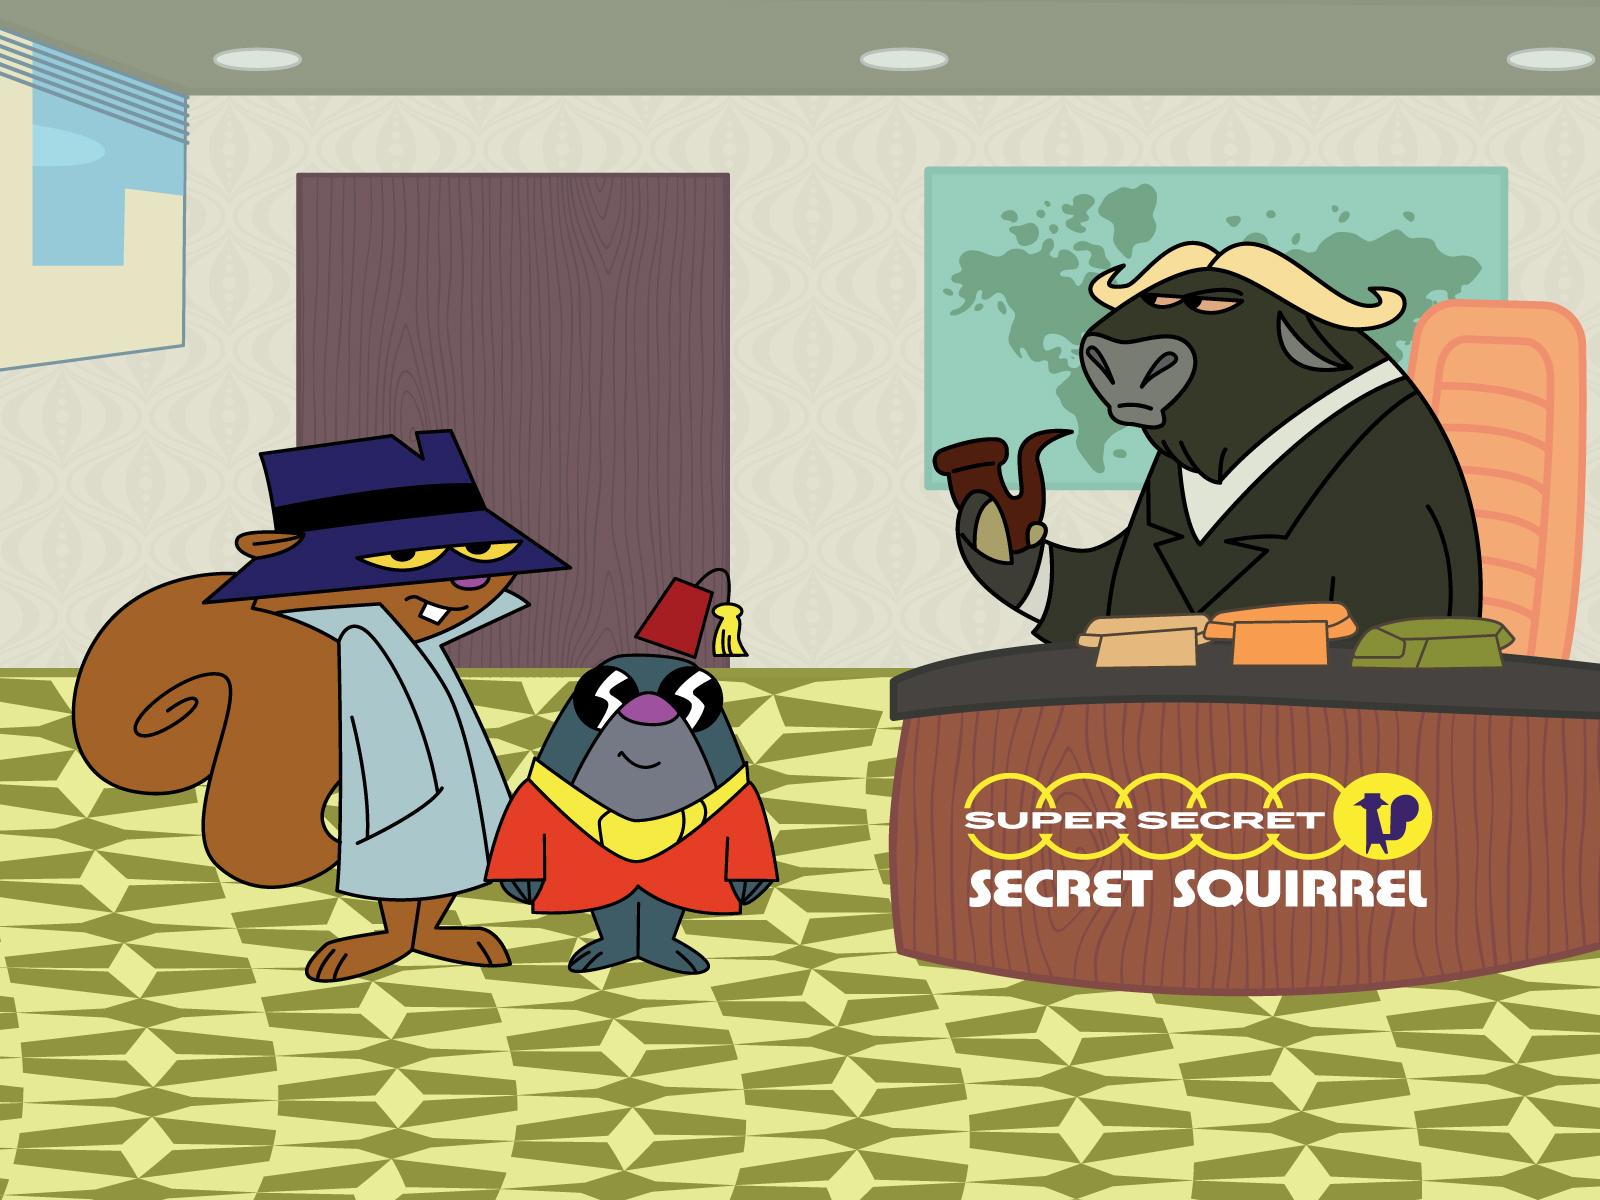 super secret secret squirrel... by Taylor Michele Cervantez on Dribbble